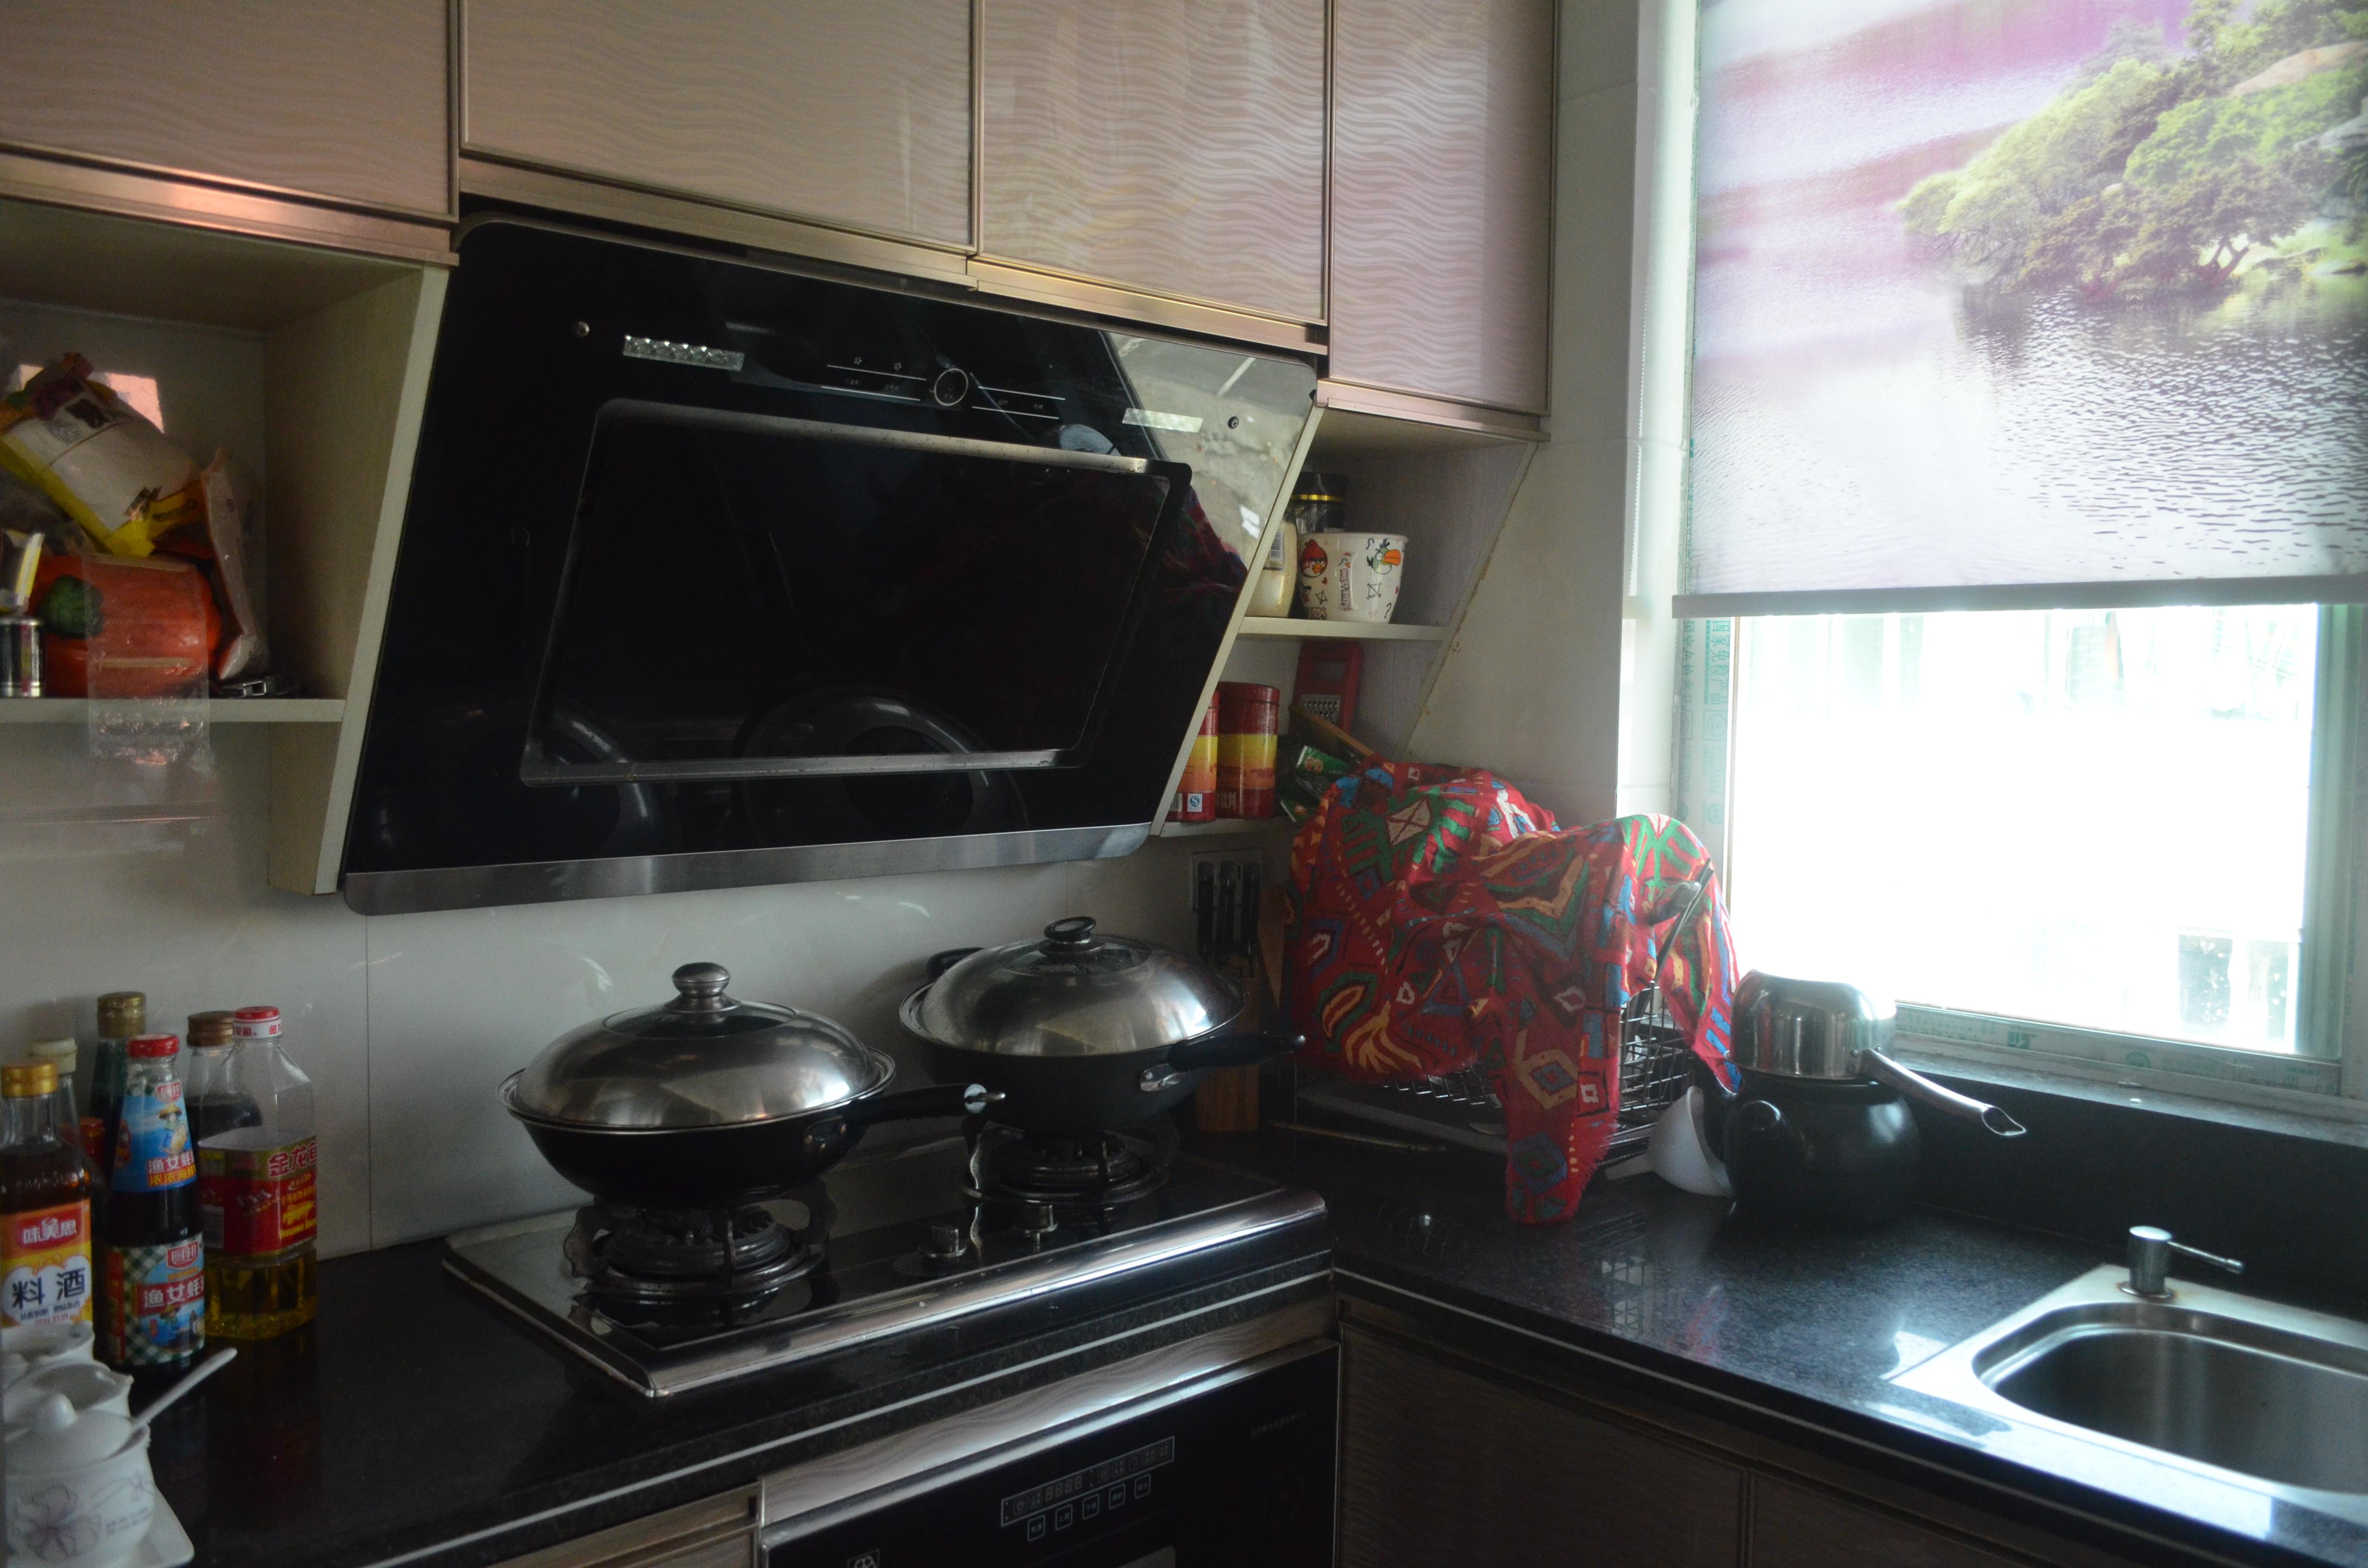 廚房油煙味重怎麼辦? 教你一個實用的方法,清爽不油膩,回家試試